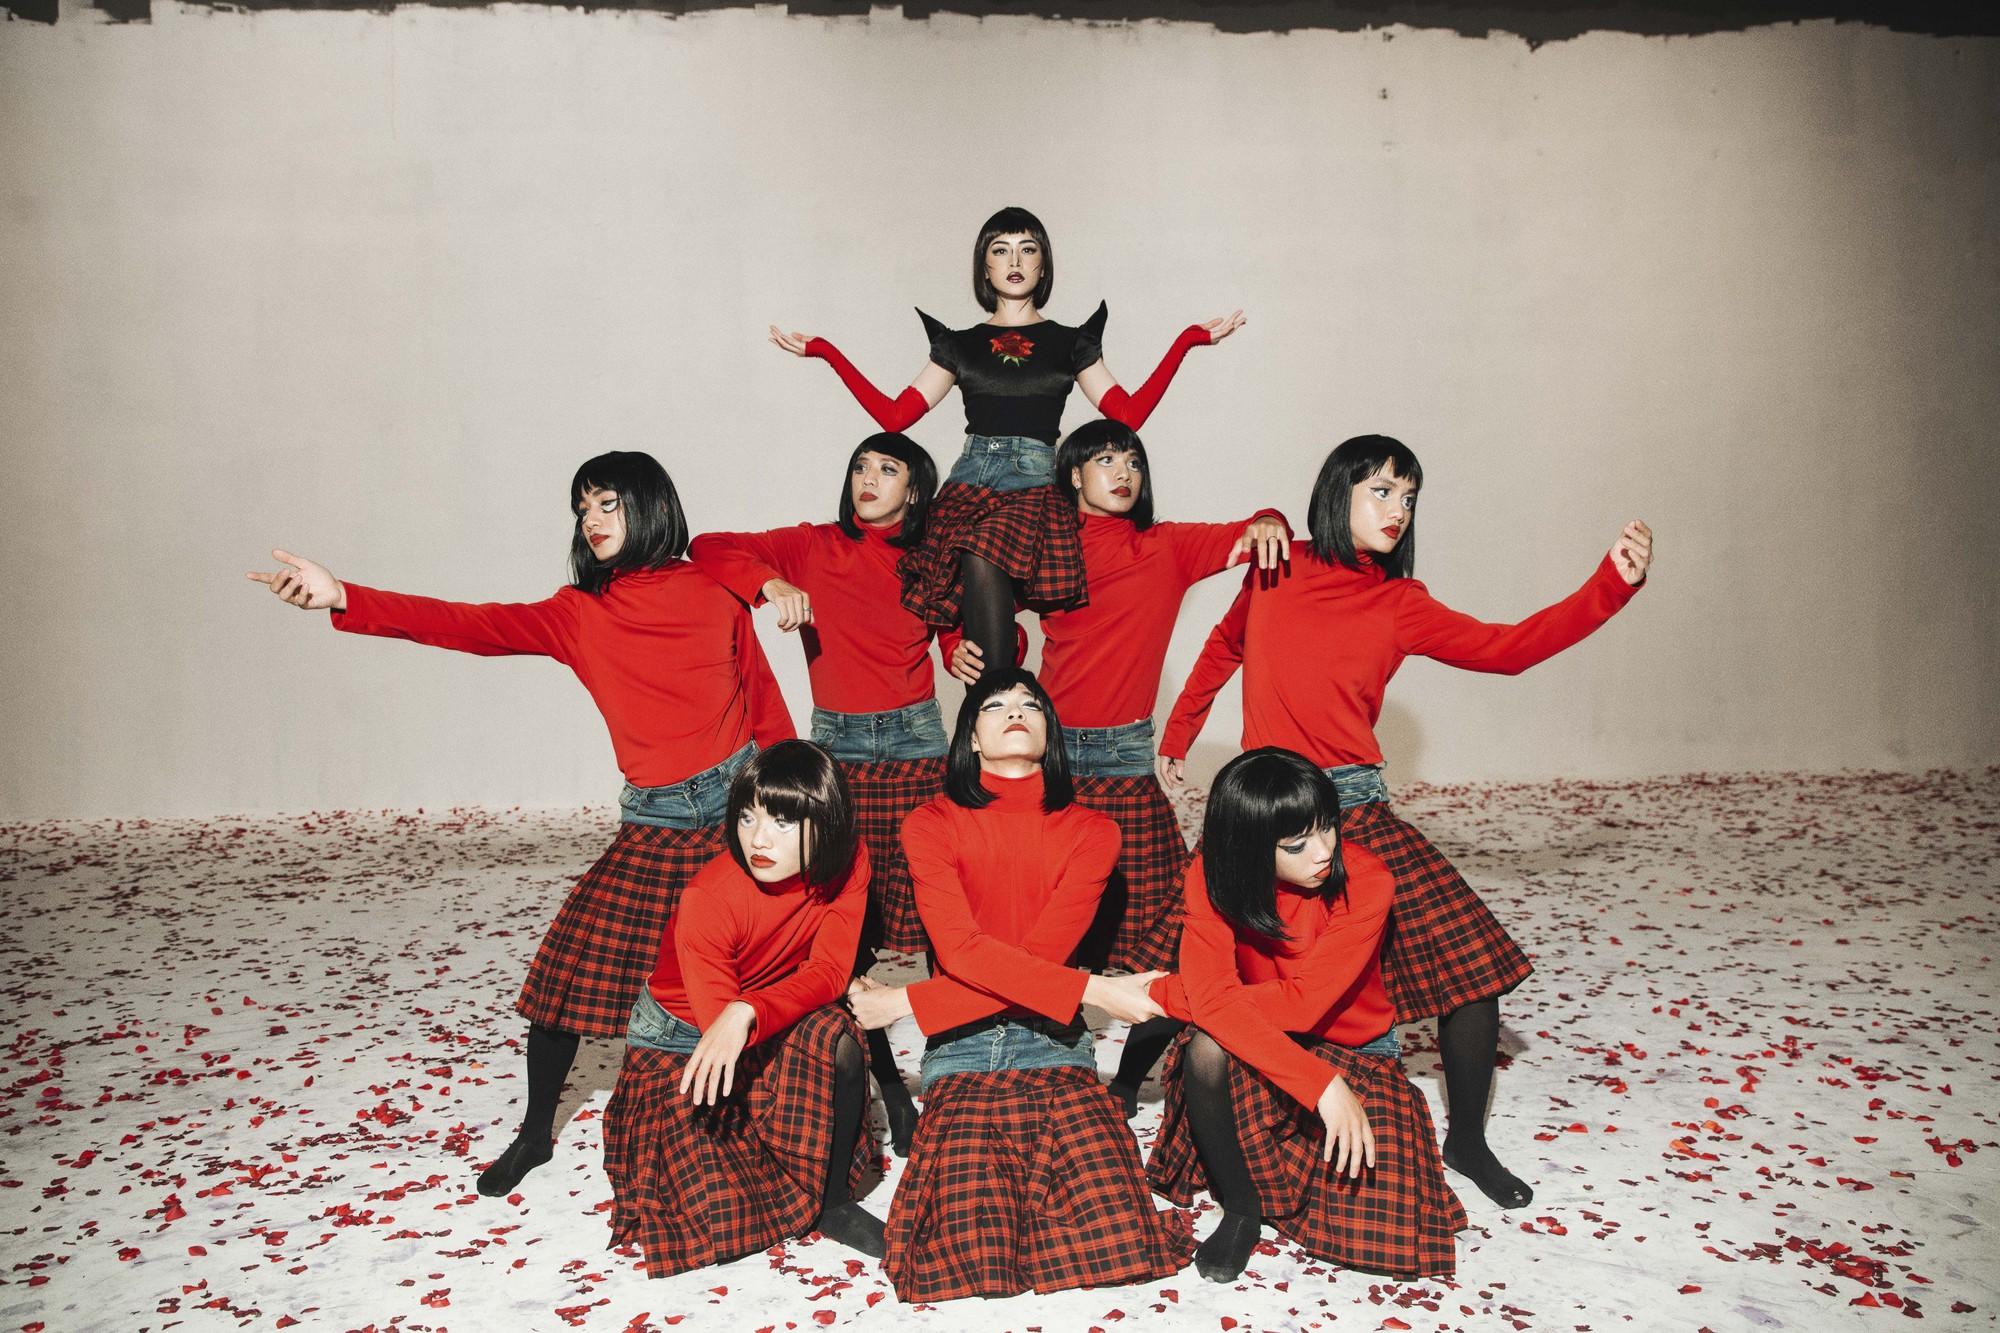 Chi Pu tung MV Dance lạ mắt với vũ đạo độc đáo, thực hiện 2 phiên bản cho sản phẩm trở lại - Ảnh 9.